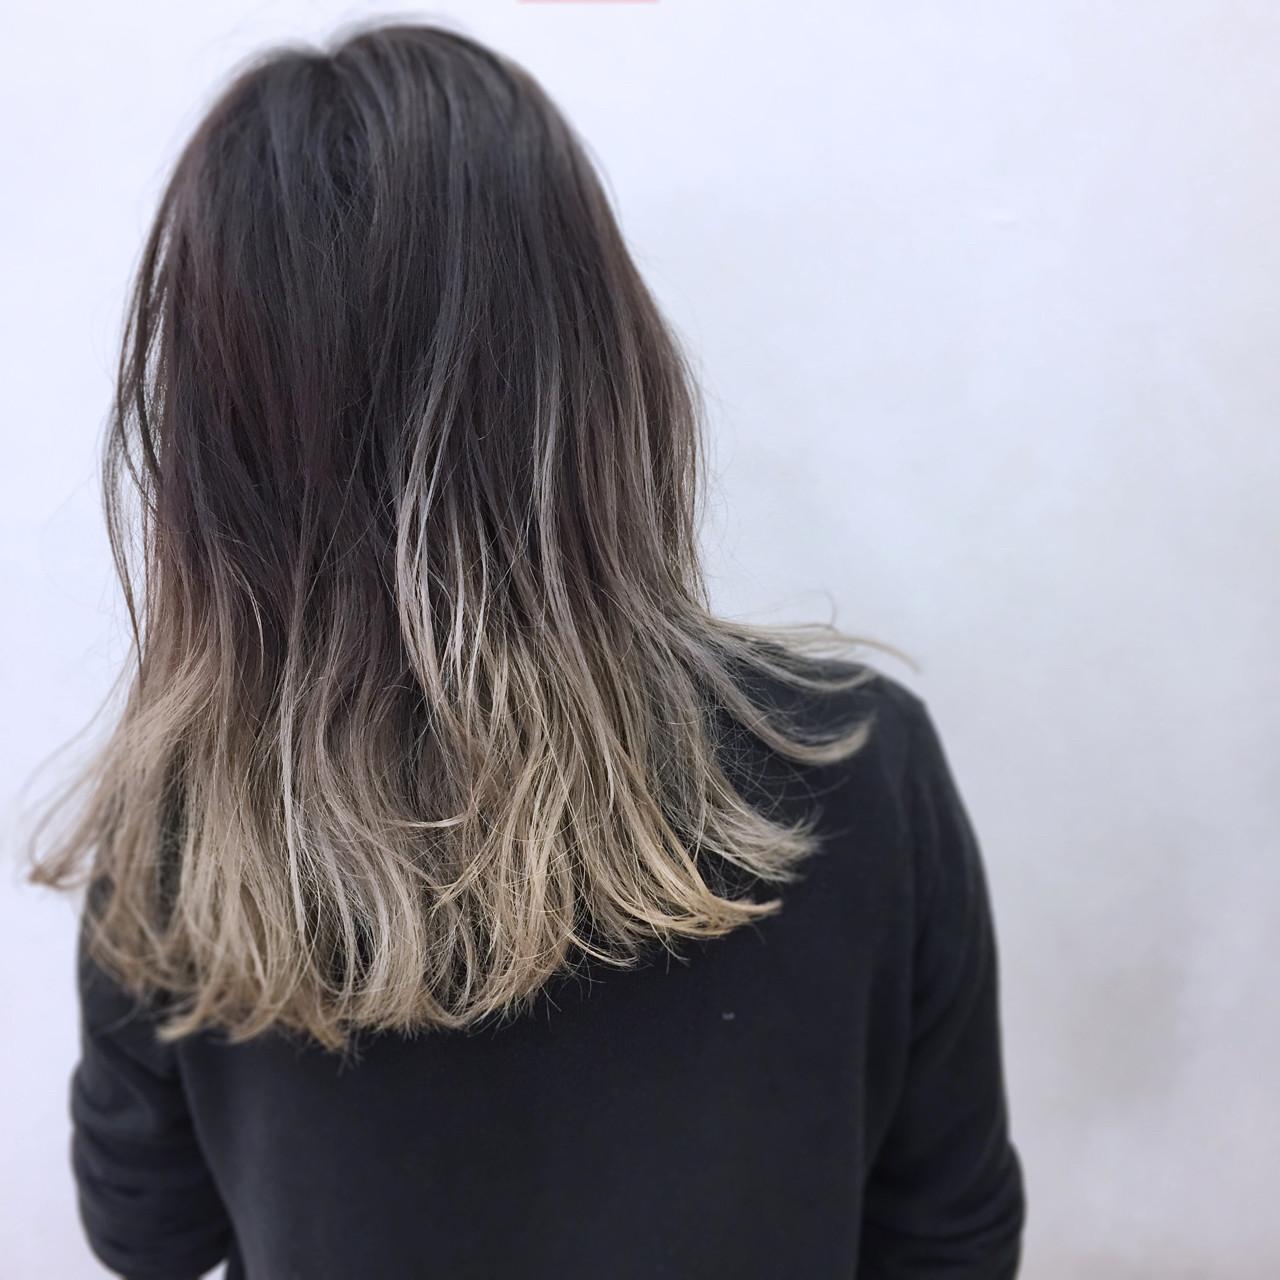 モード 外国人風 セミロング シルバーヘアスタイルや髪型の写真・画像